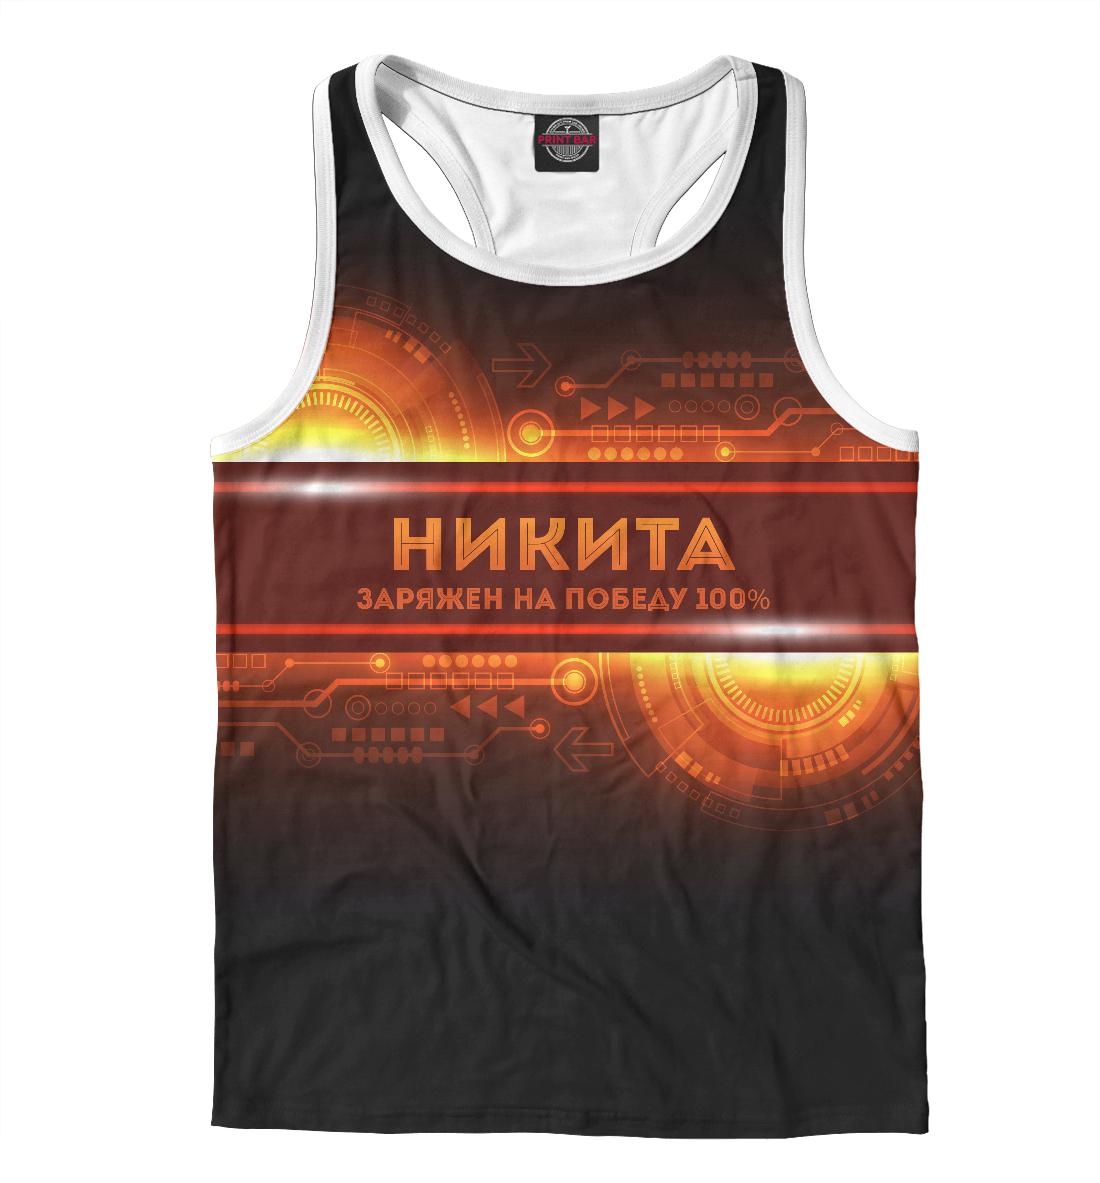 Купить Никита заряжен на победу, Printbar, Майки борцовки, NIK-606036-mayb-2